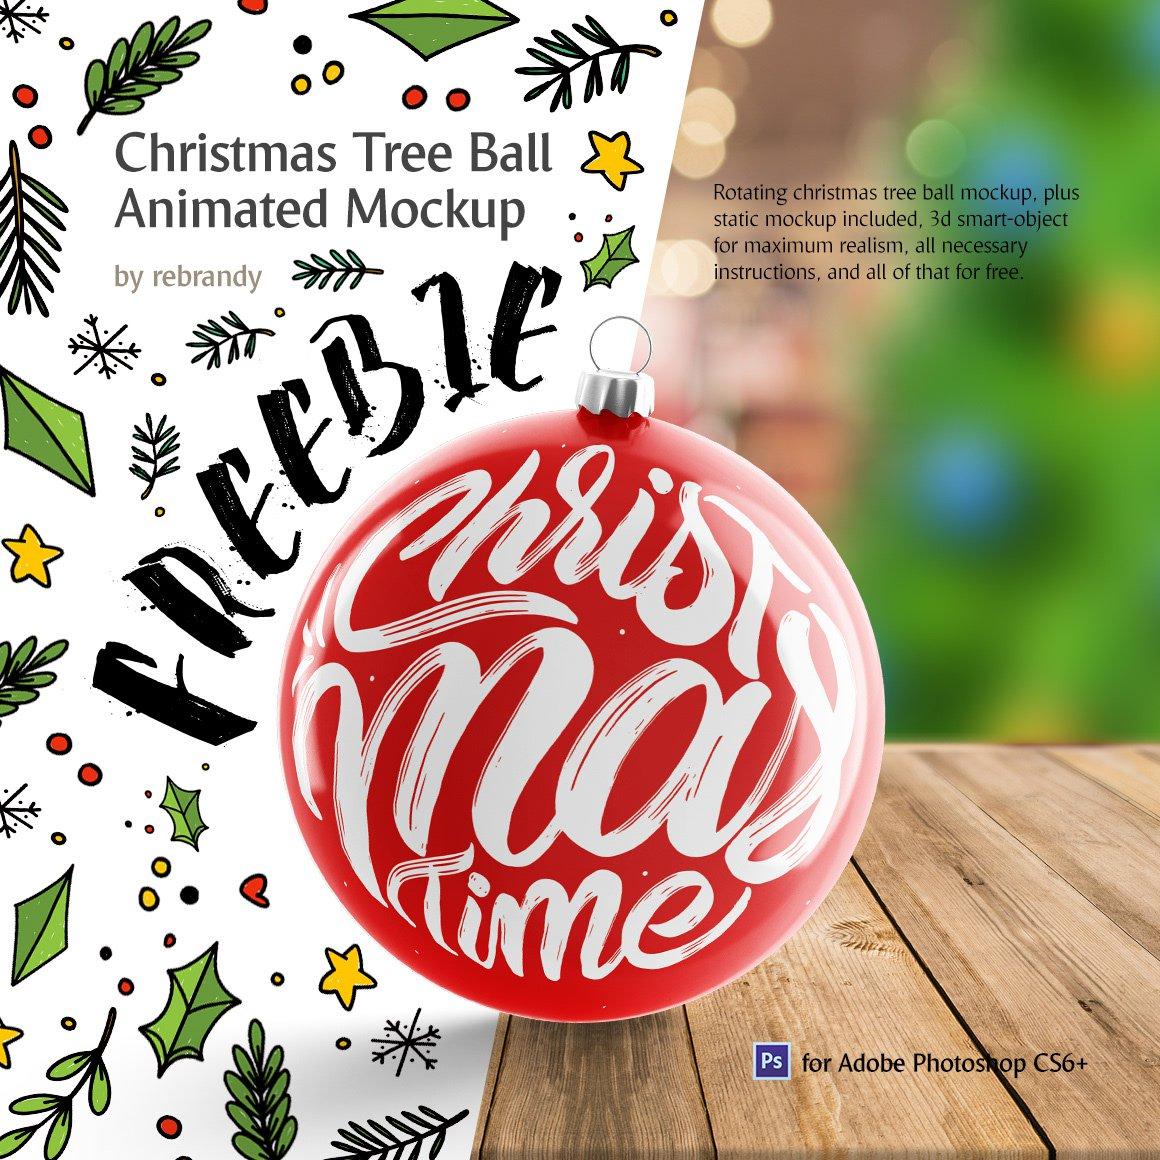 Christmas Tree Ball Animated Mockup PSD